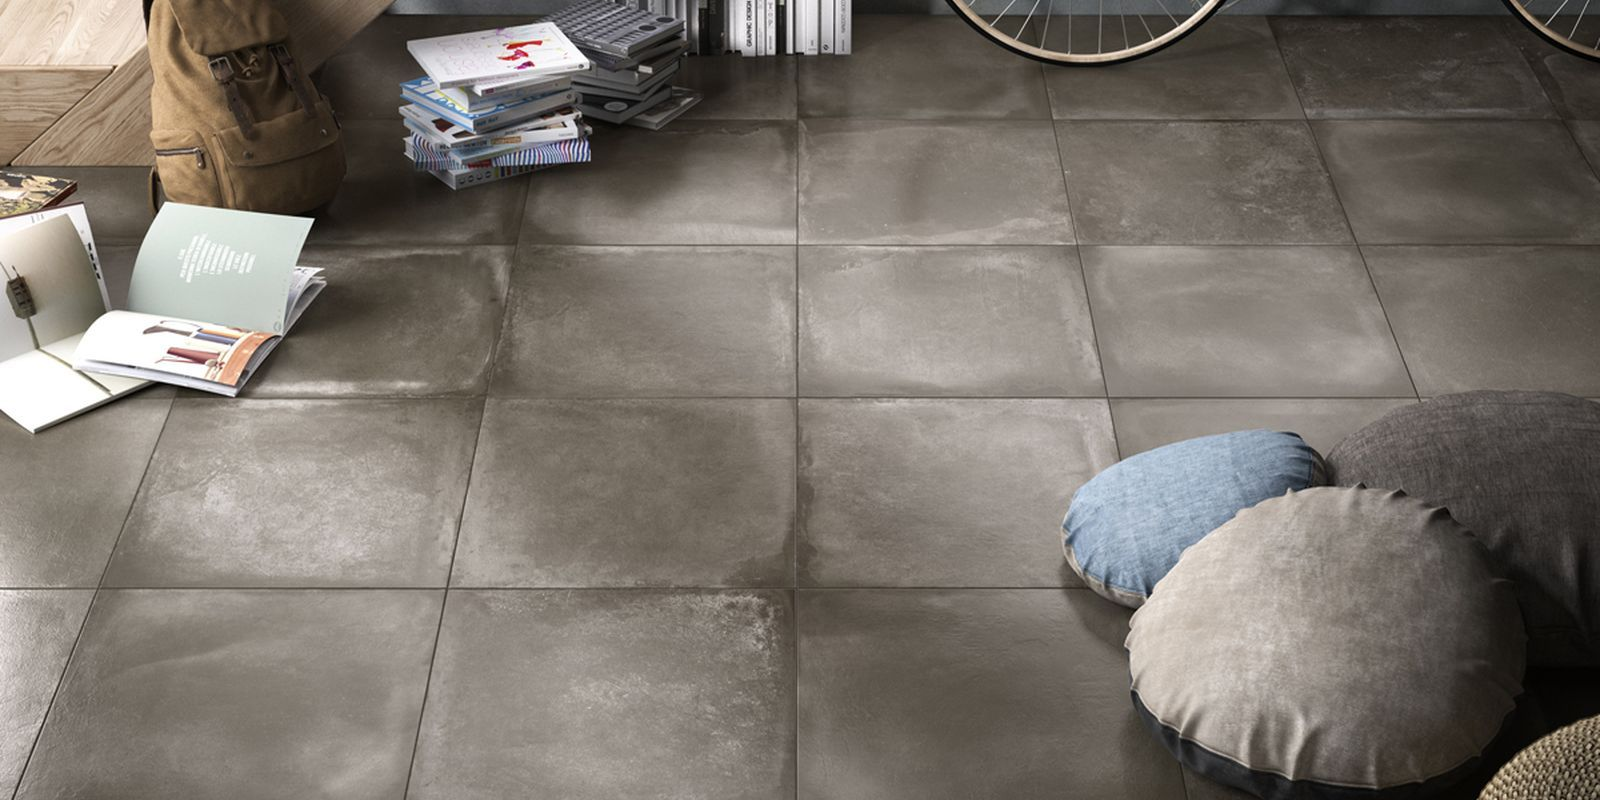 Riverside tiles living modern ceramic porcelain tile am riverside tiles living modern ceramic porcelain tile am riverside 4 dailygadgetfo Choice Image